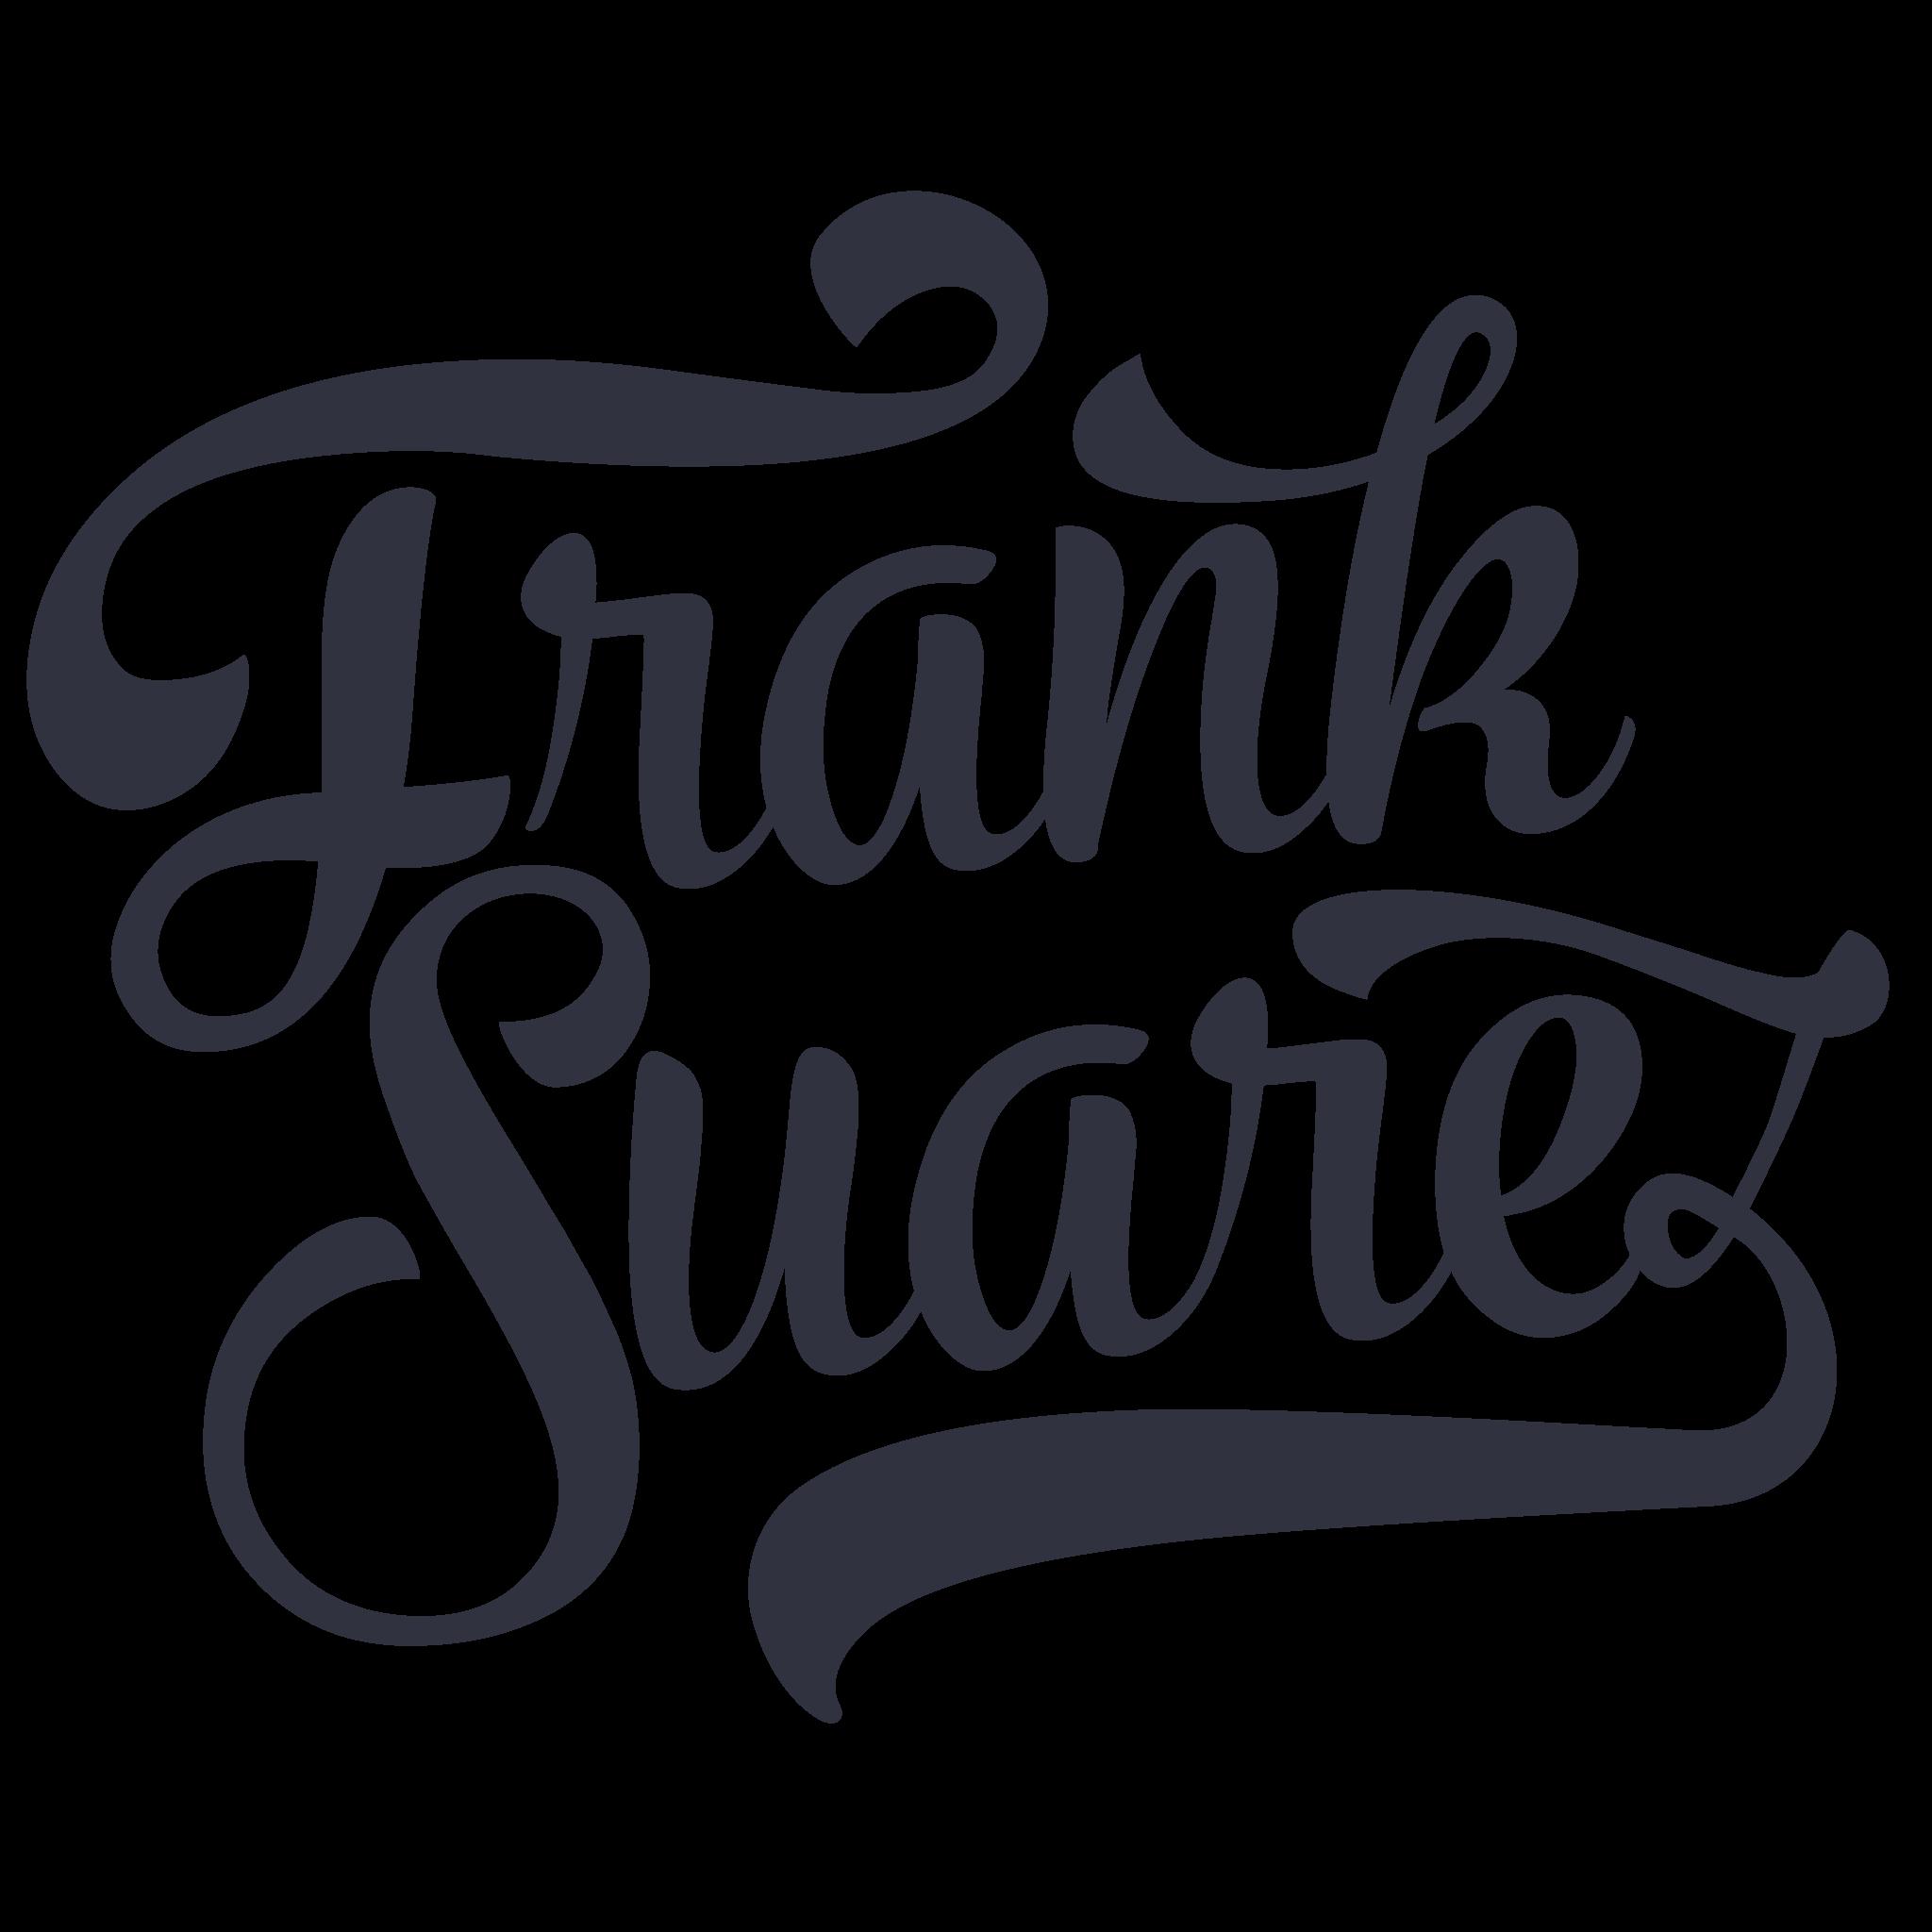 Frank Suarez Motion Designer